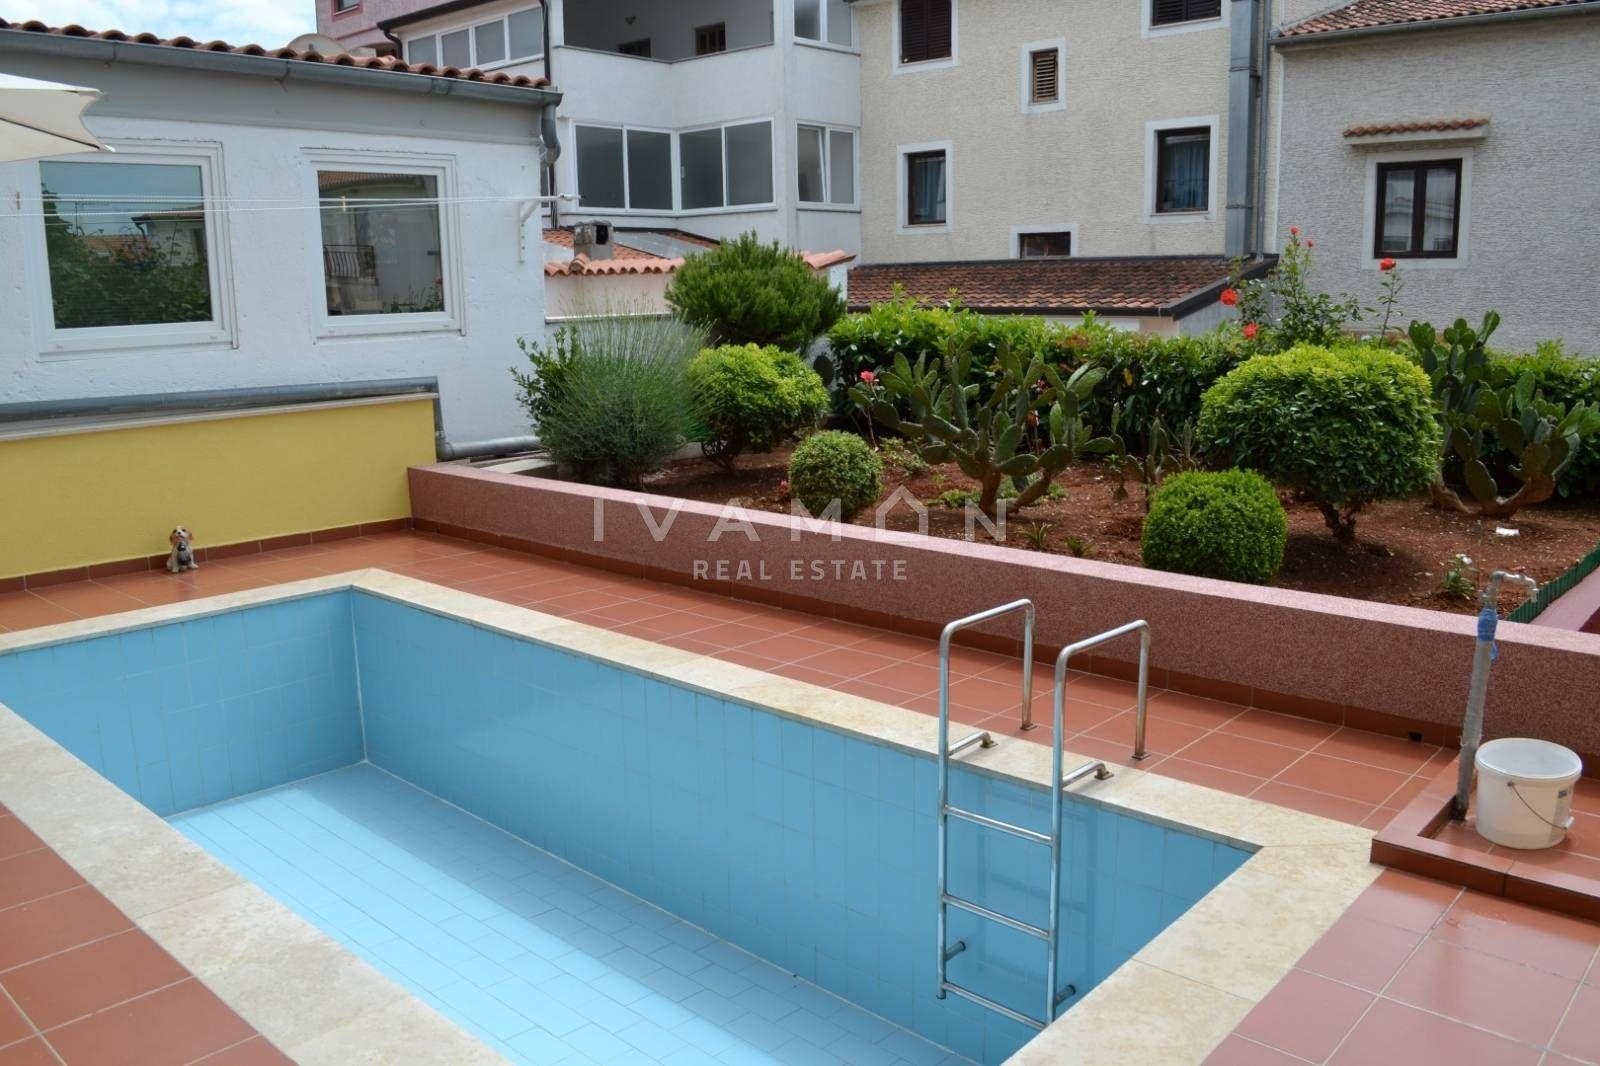 Cool piscina in giardino with piscina in giardino - Quanto costa costruire una piscina ...